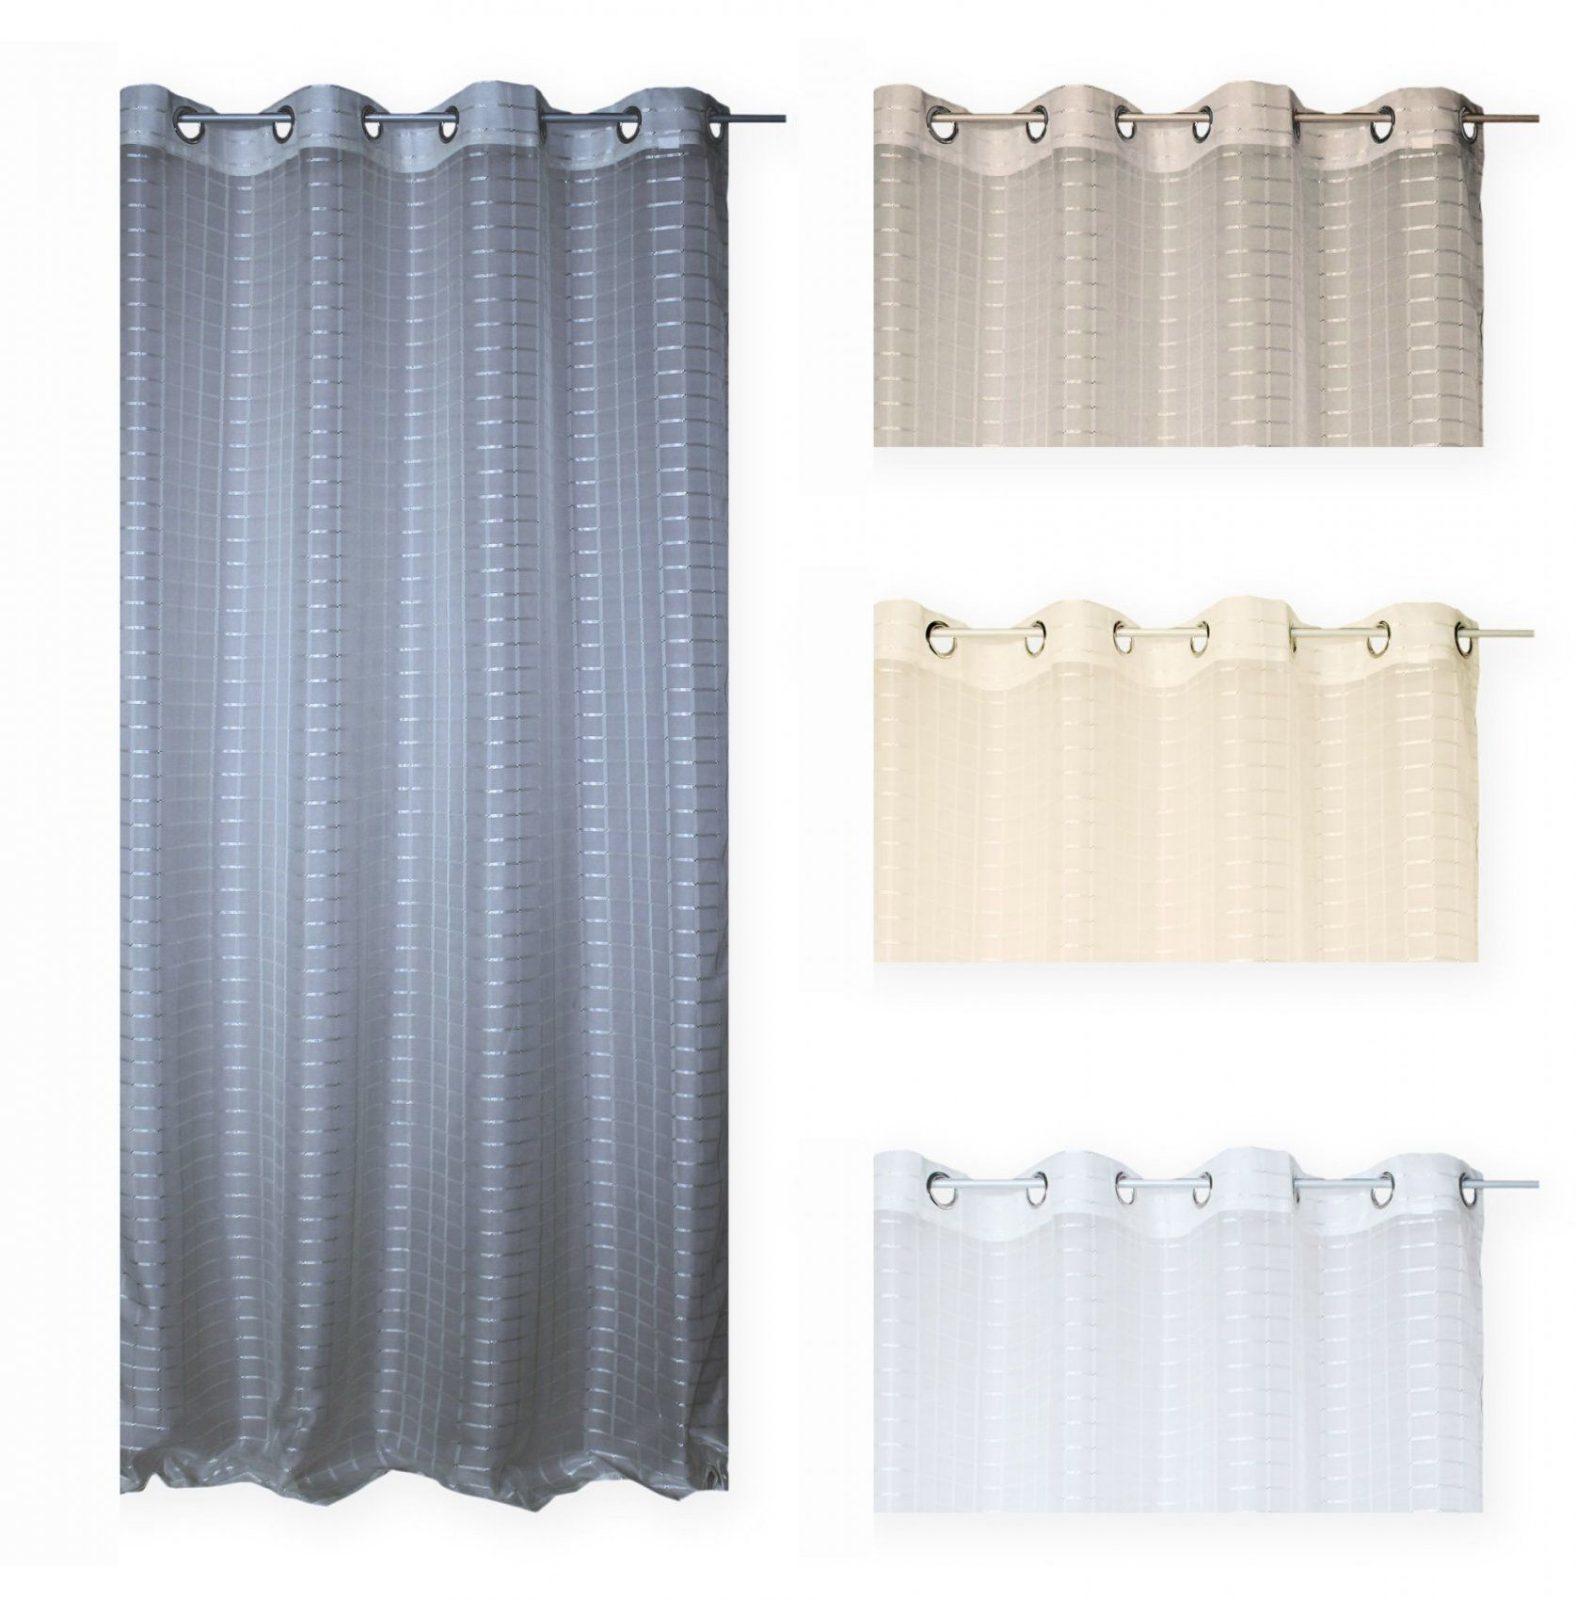 Vorhänge Für Eingangstüren Einfach Gitterartiges Gewebe Für Vorhänge von Gitterartiges Gewebe Für Vorhänge Photo